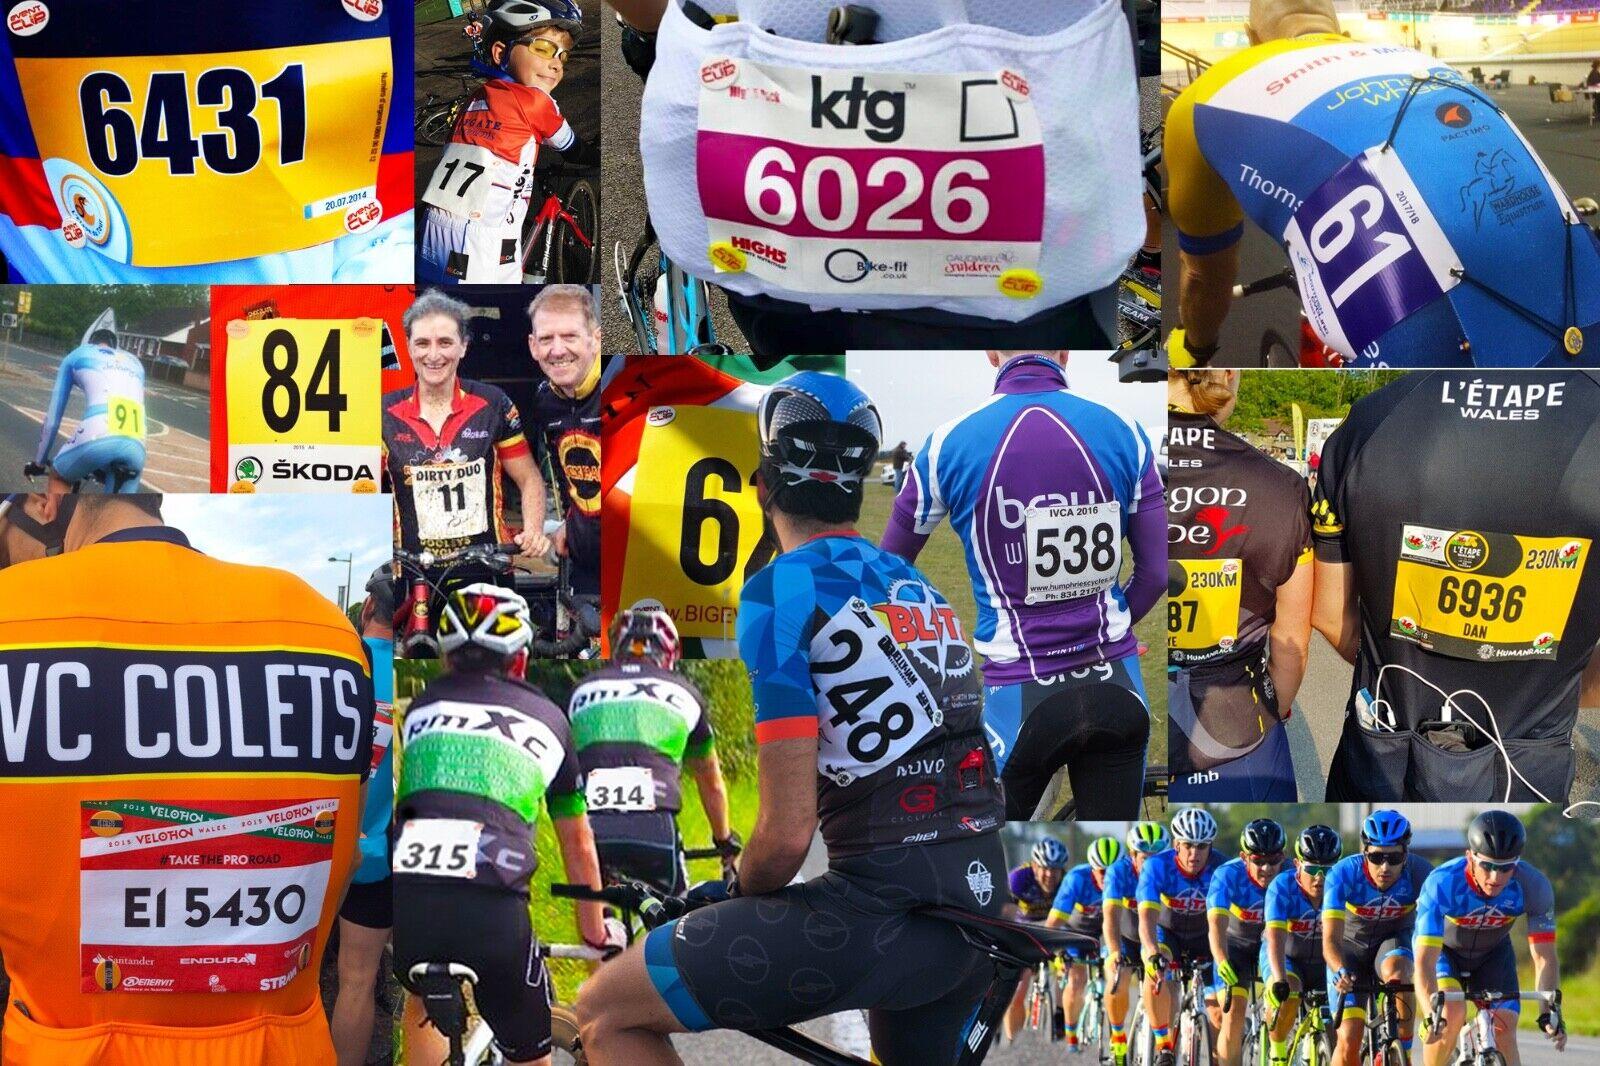 Running Clips EventClip.net 150 Designs No1 Best Seller